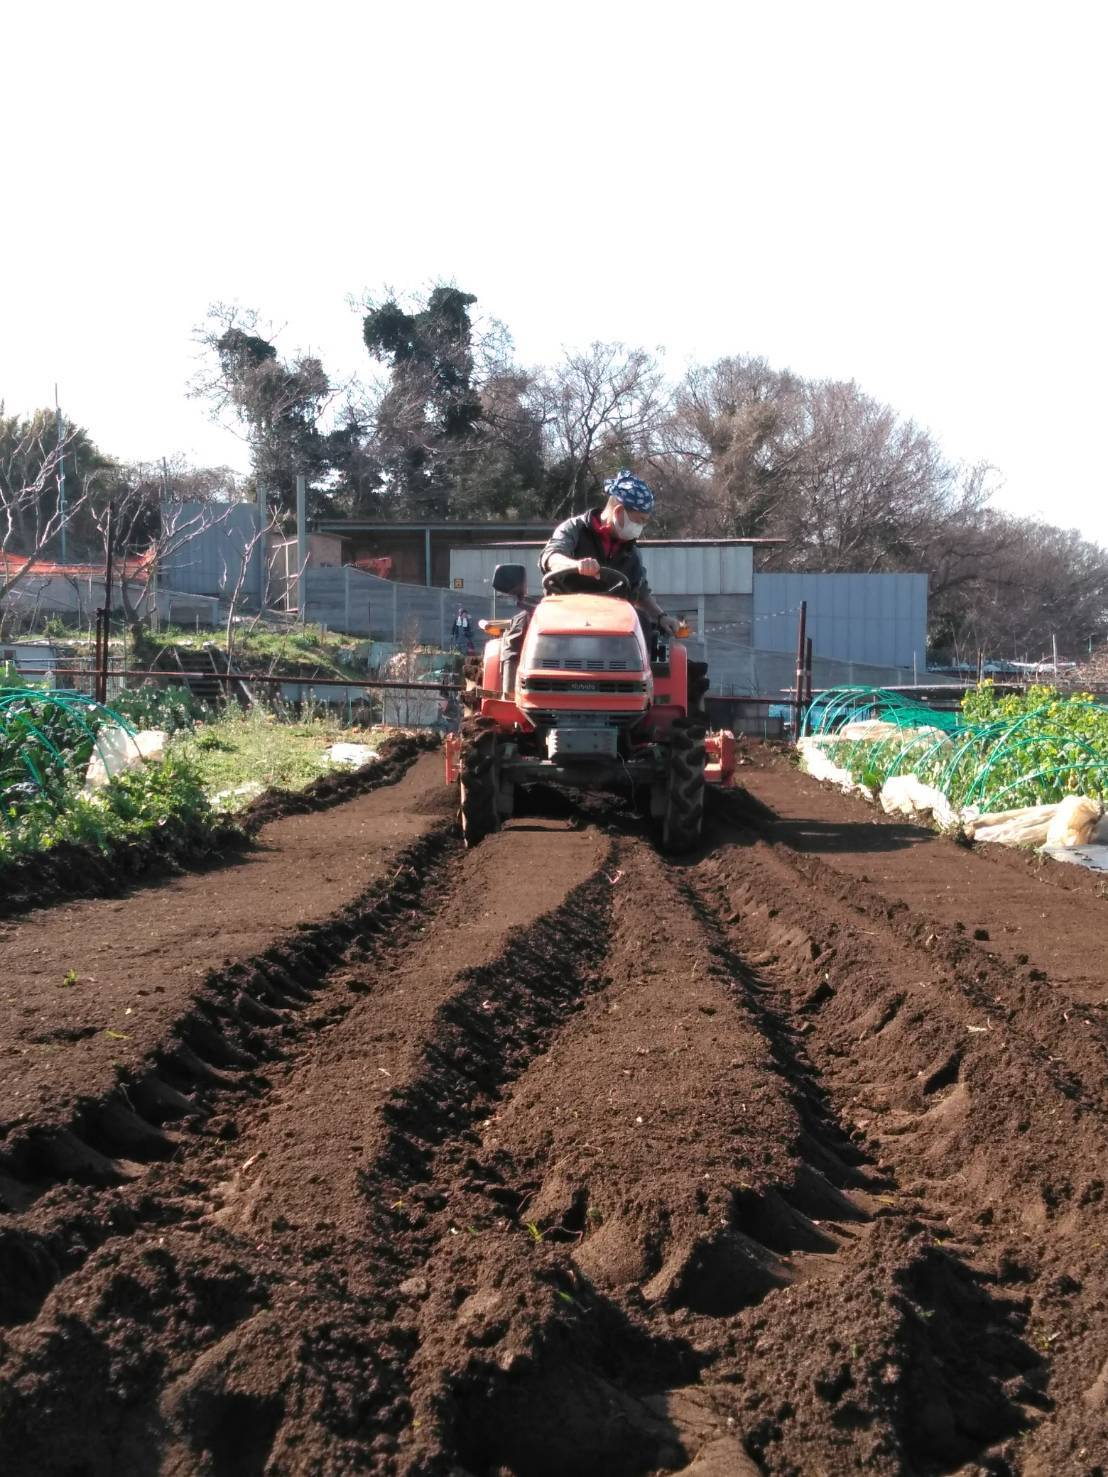 久々にトラクター 土が重たい今週はかなり雨が降りました_c0222448_18172505.jpg